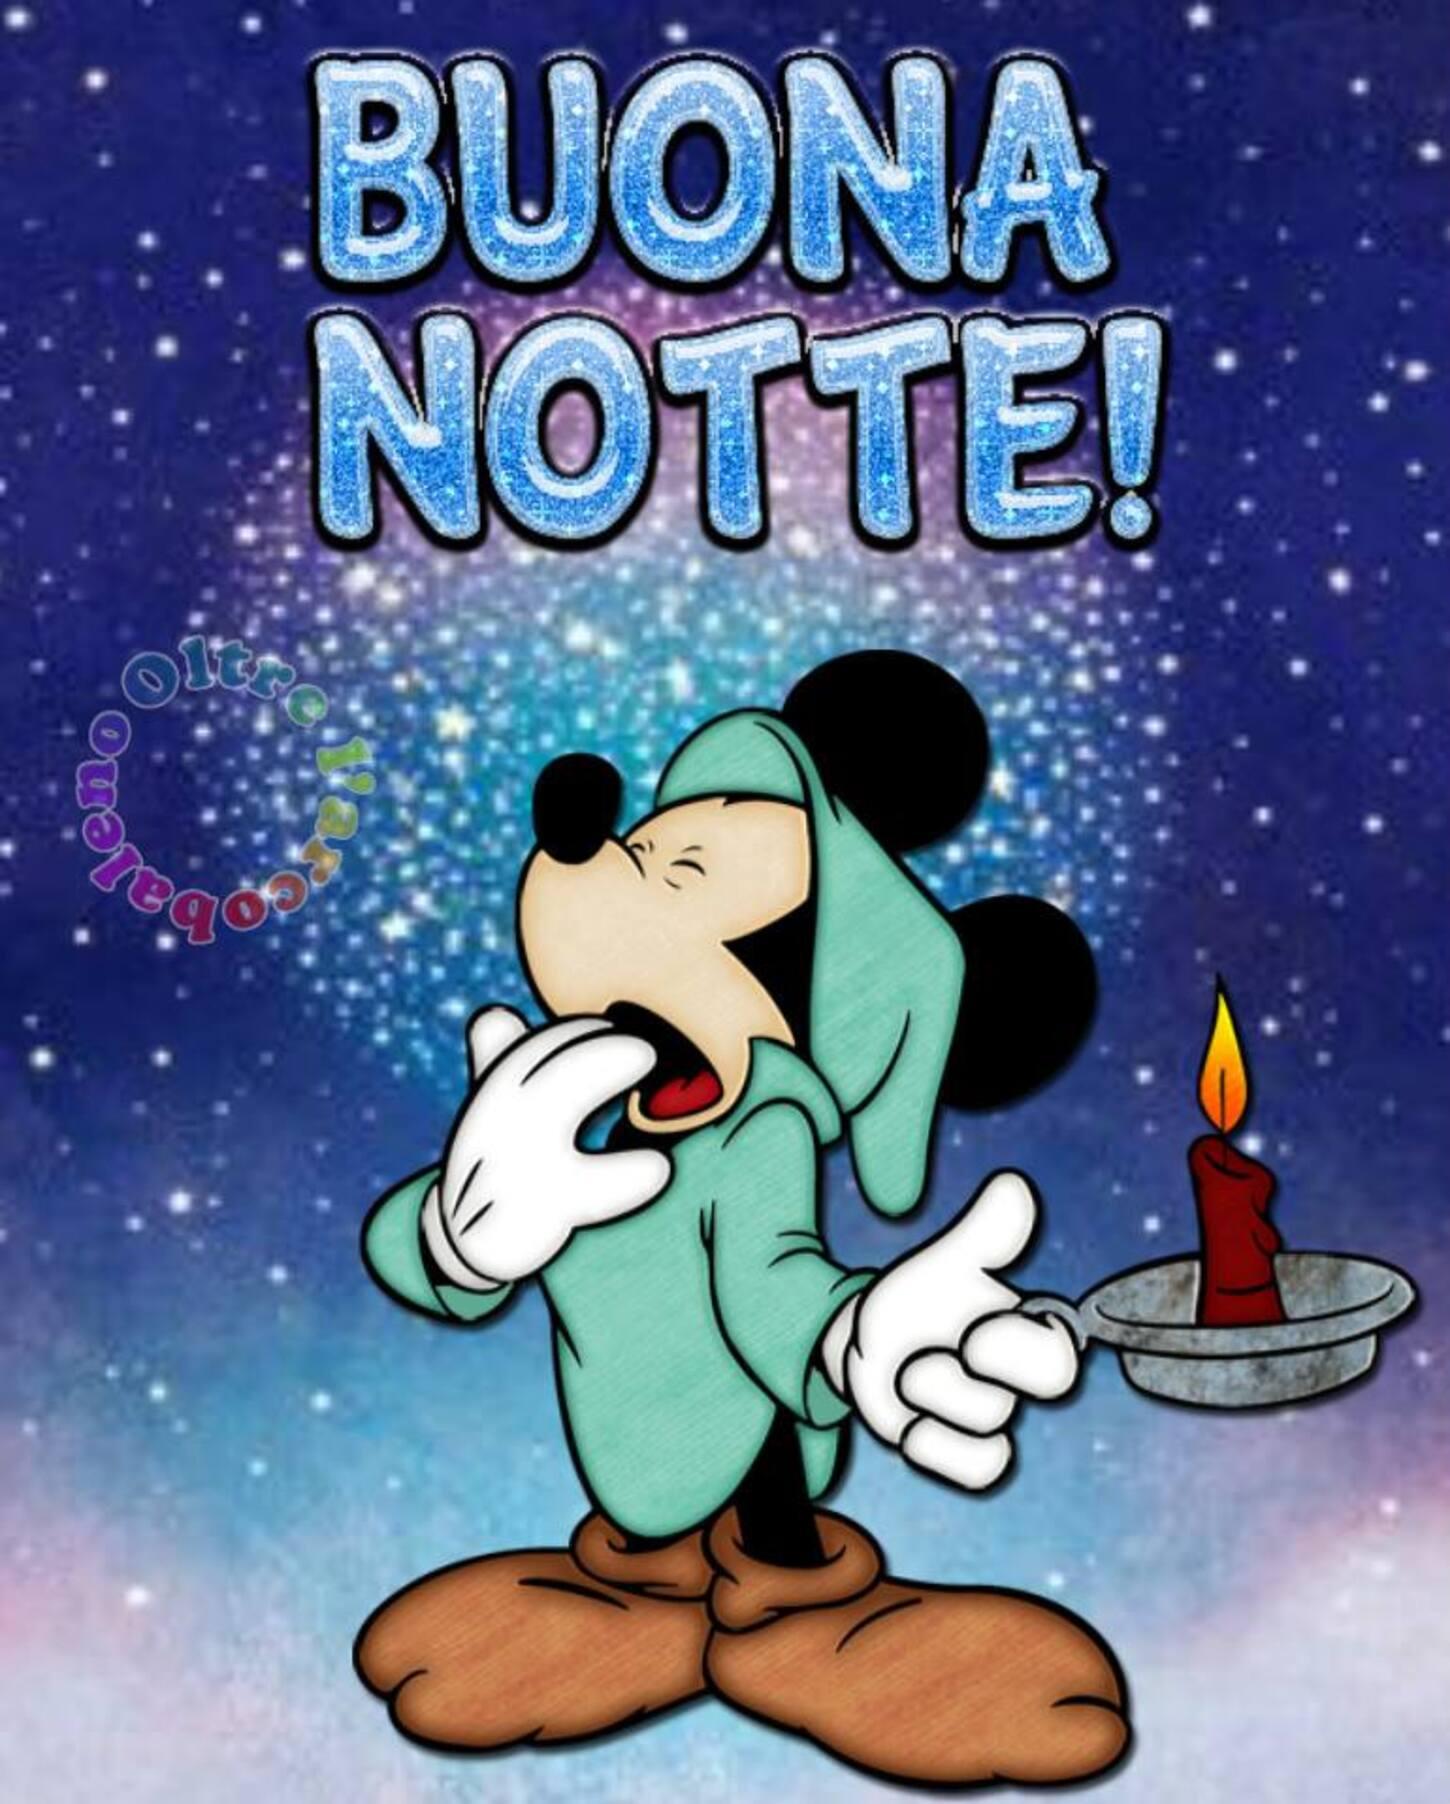 BUONA NOTTE! da Topolino - immagini Disney